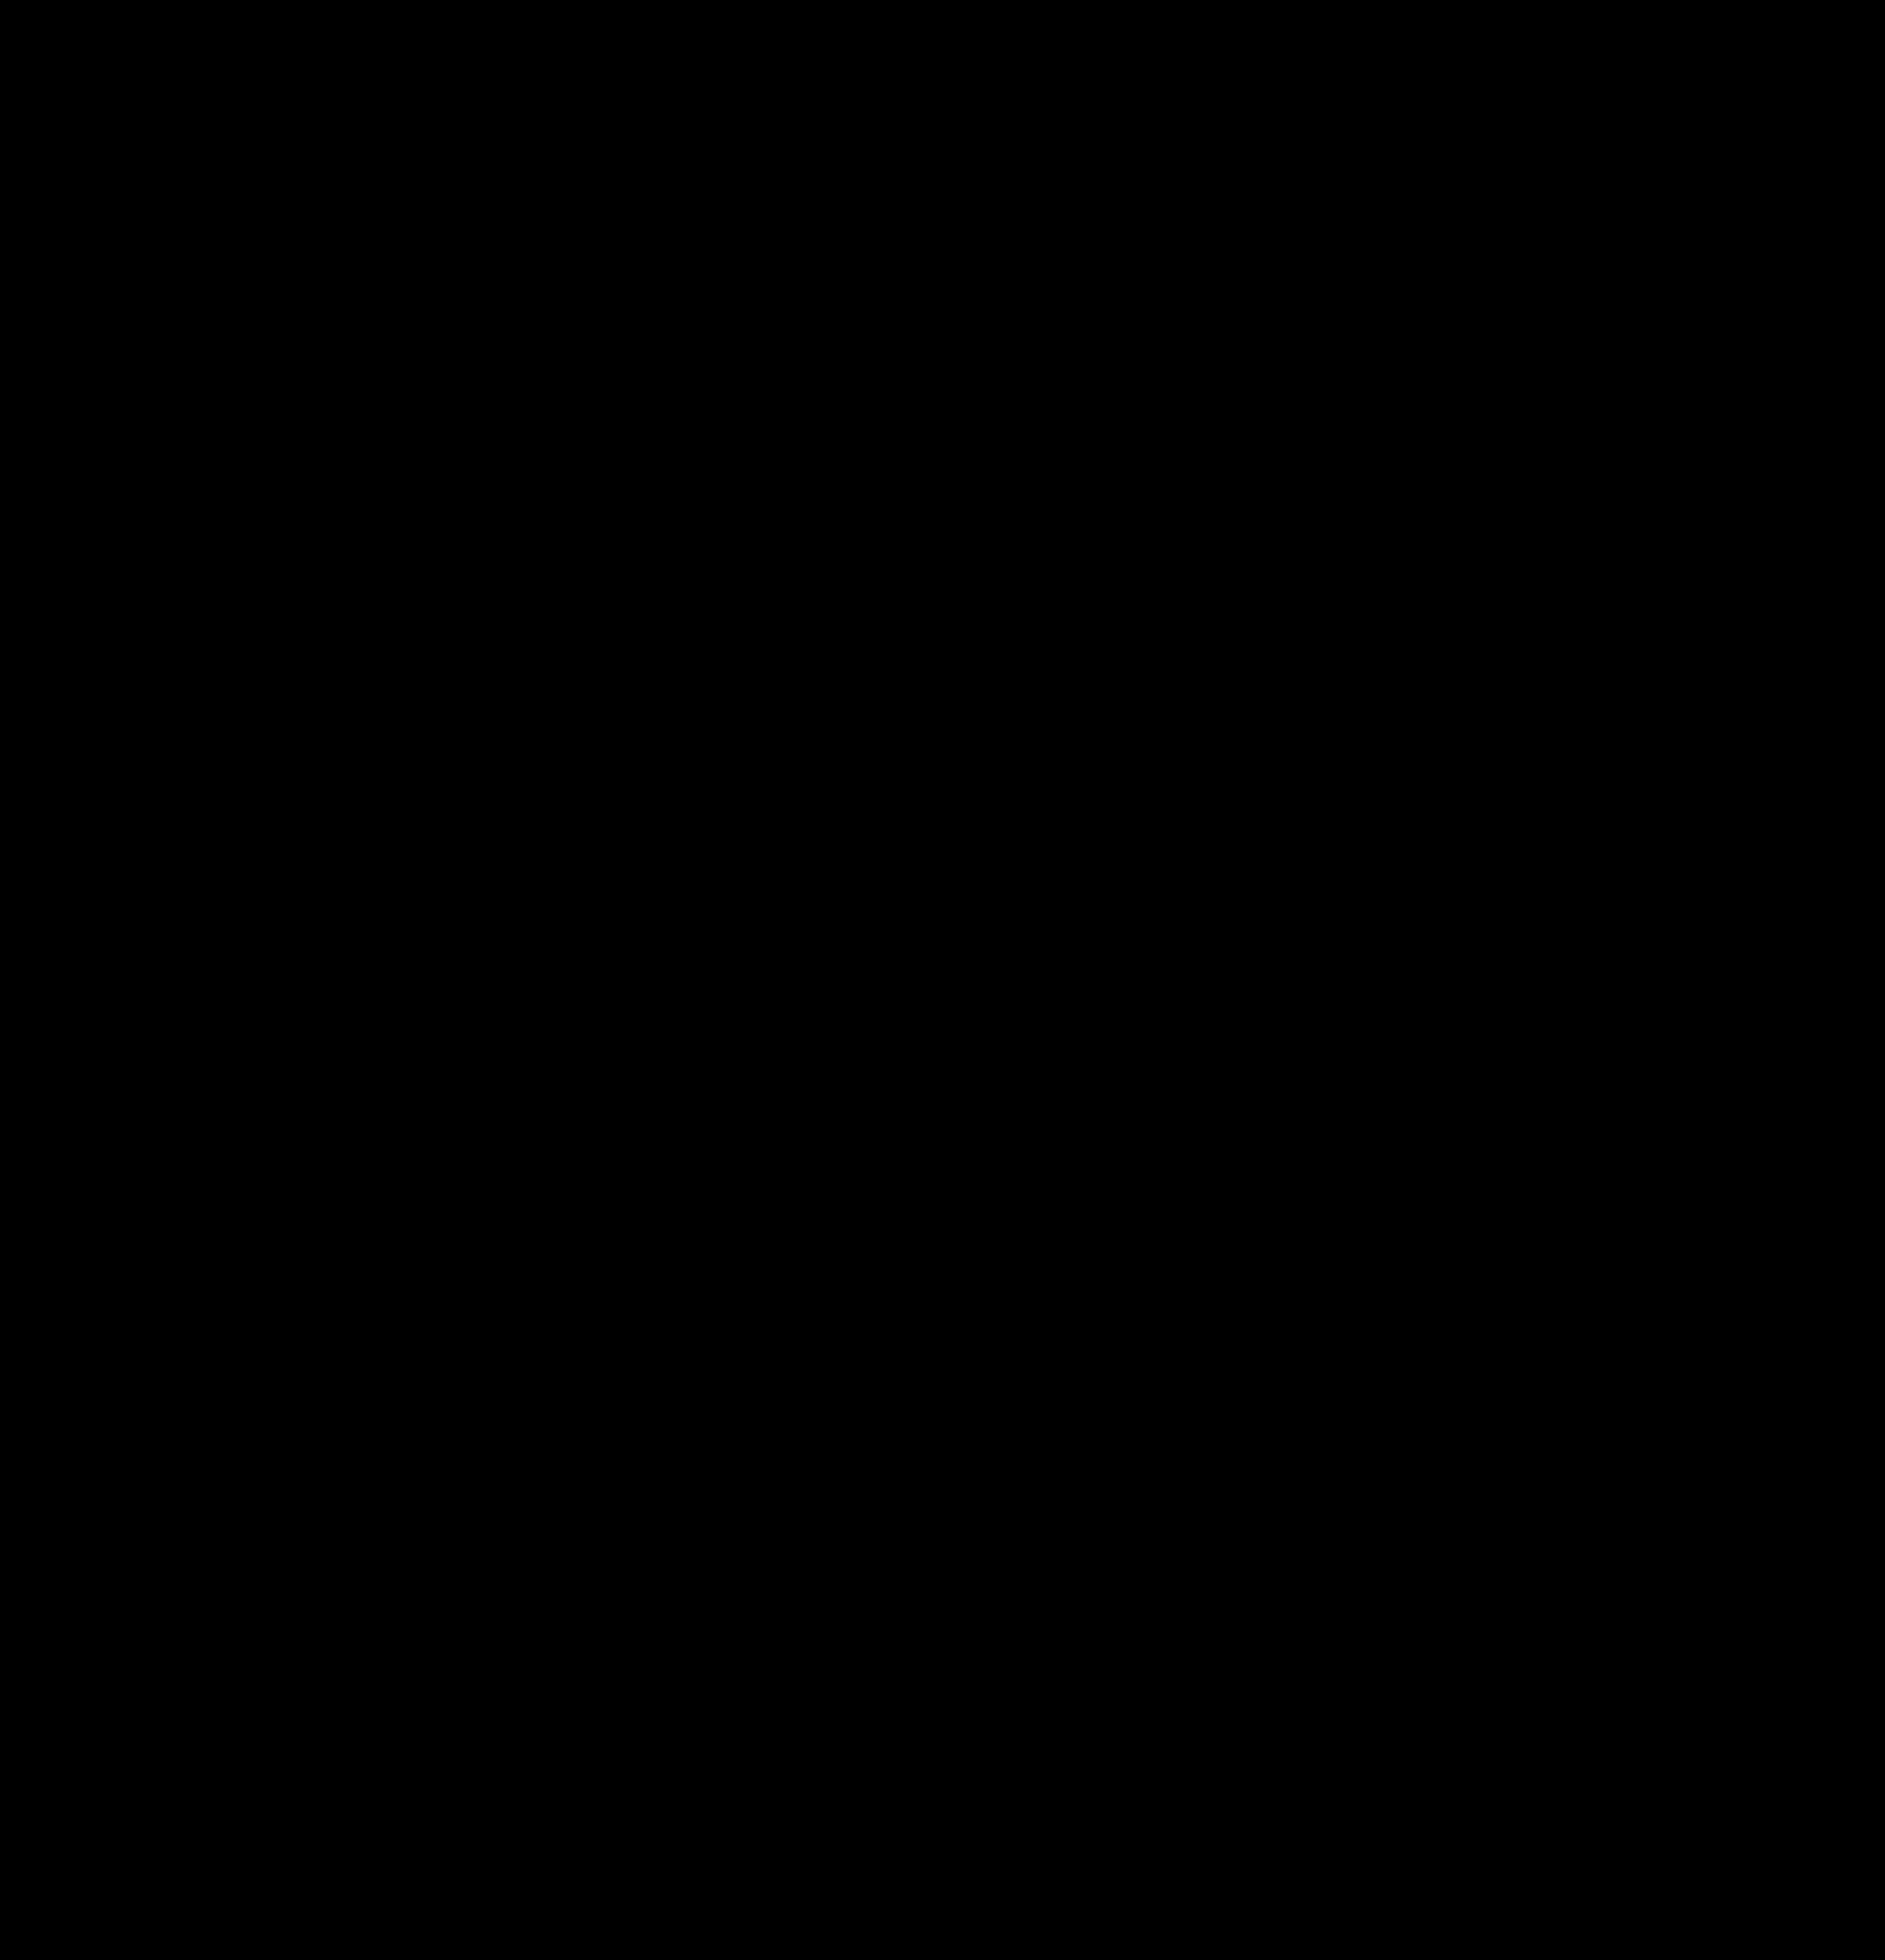 CÔNG TY CỔ PHẦN THƯƠNG MẠI XWATCH QUỐC TẾ